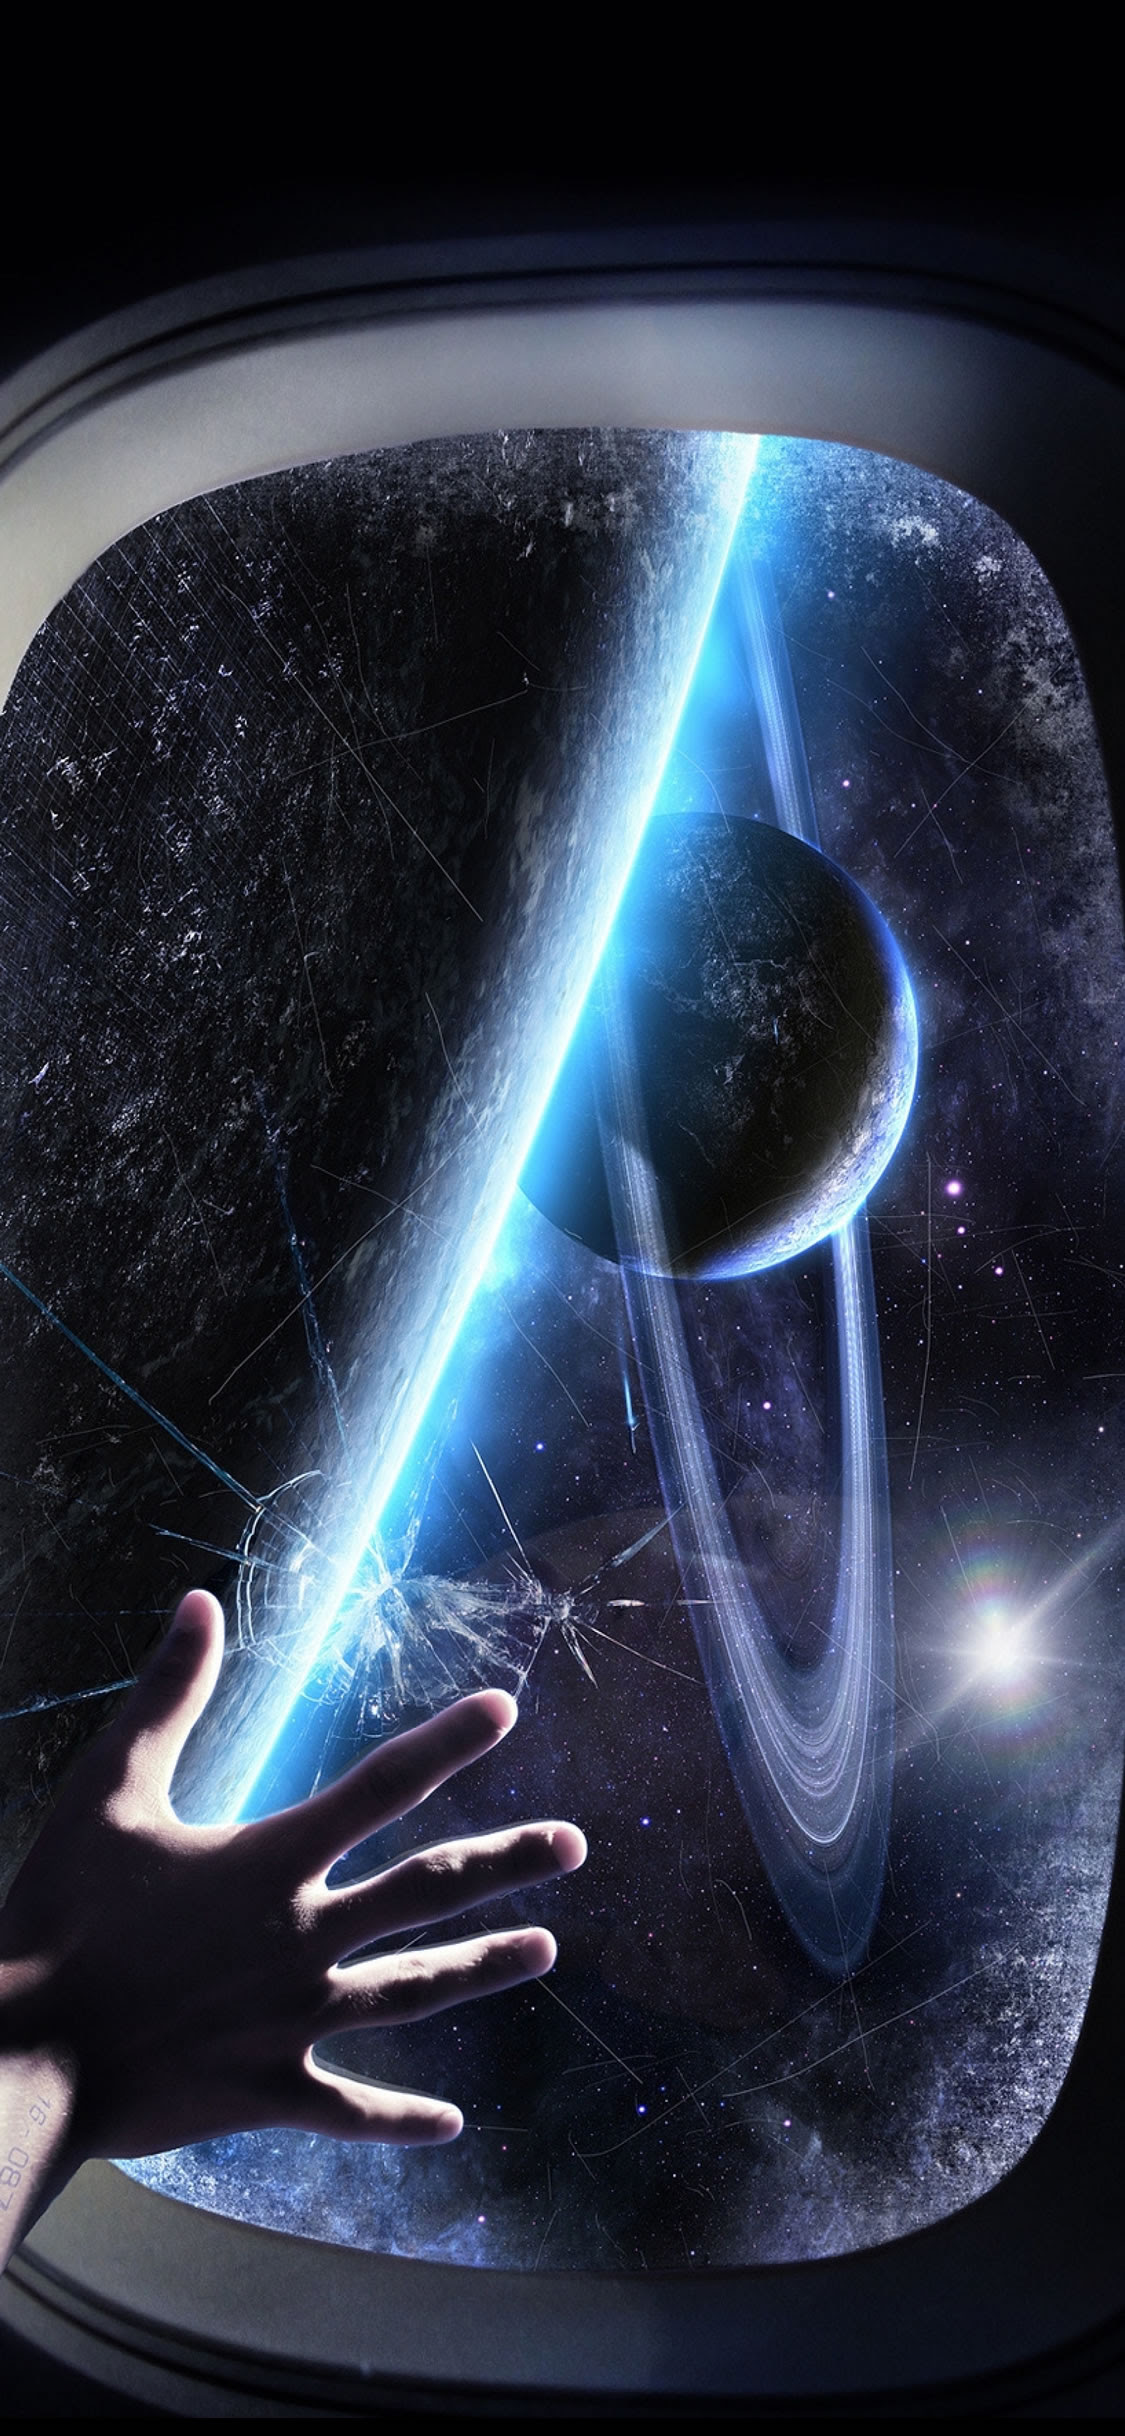 宇宙の惑星の軌道iphonex壁紙 Iphoneチーズ